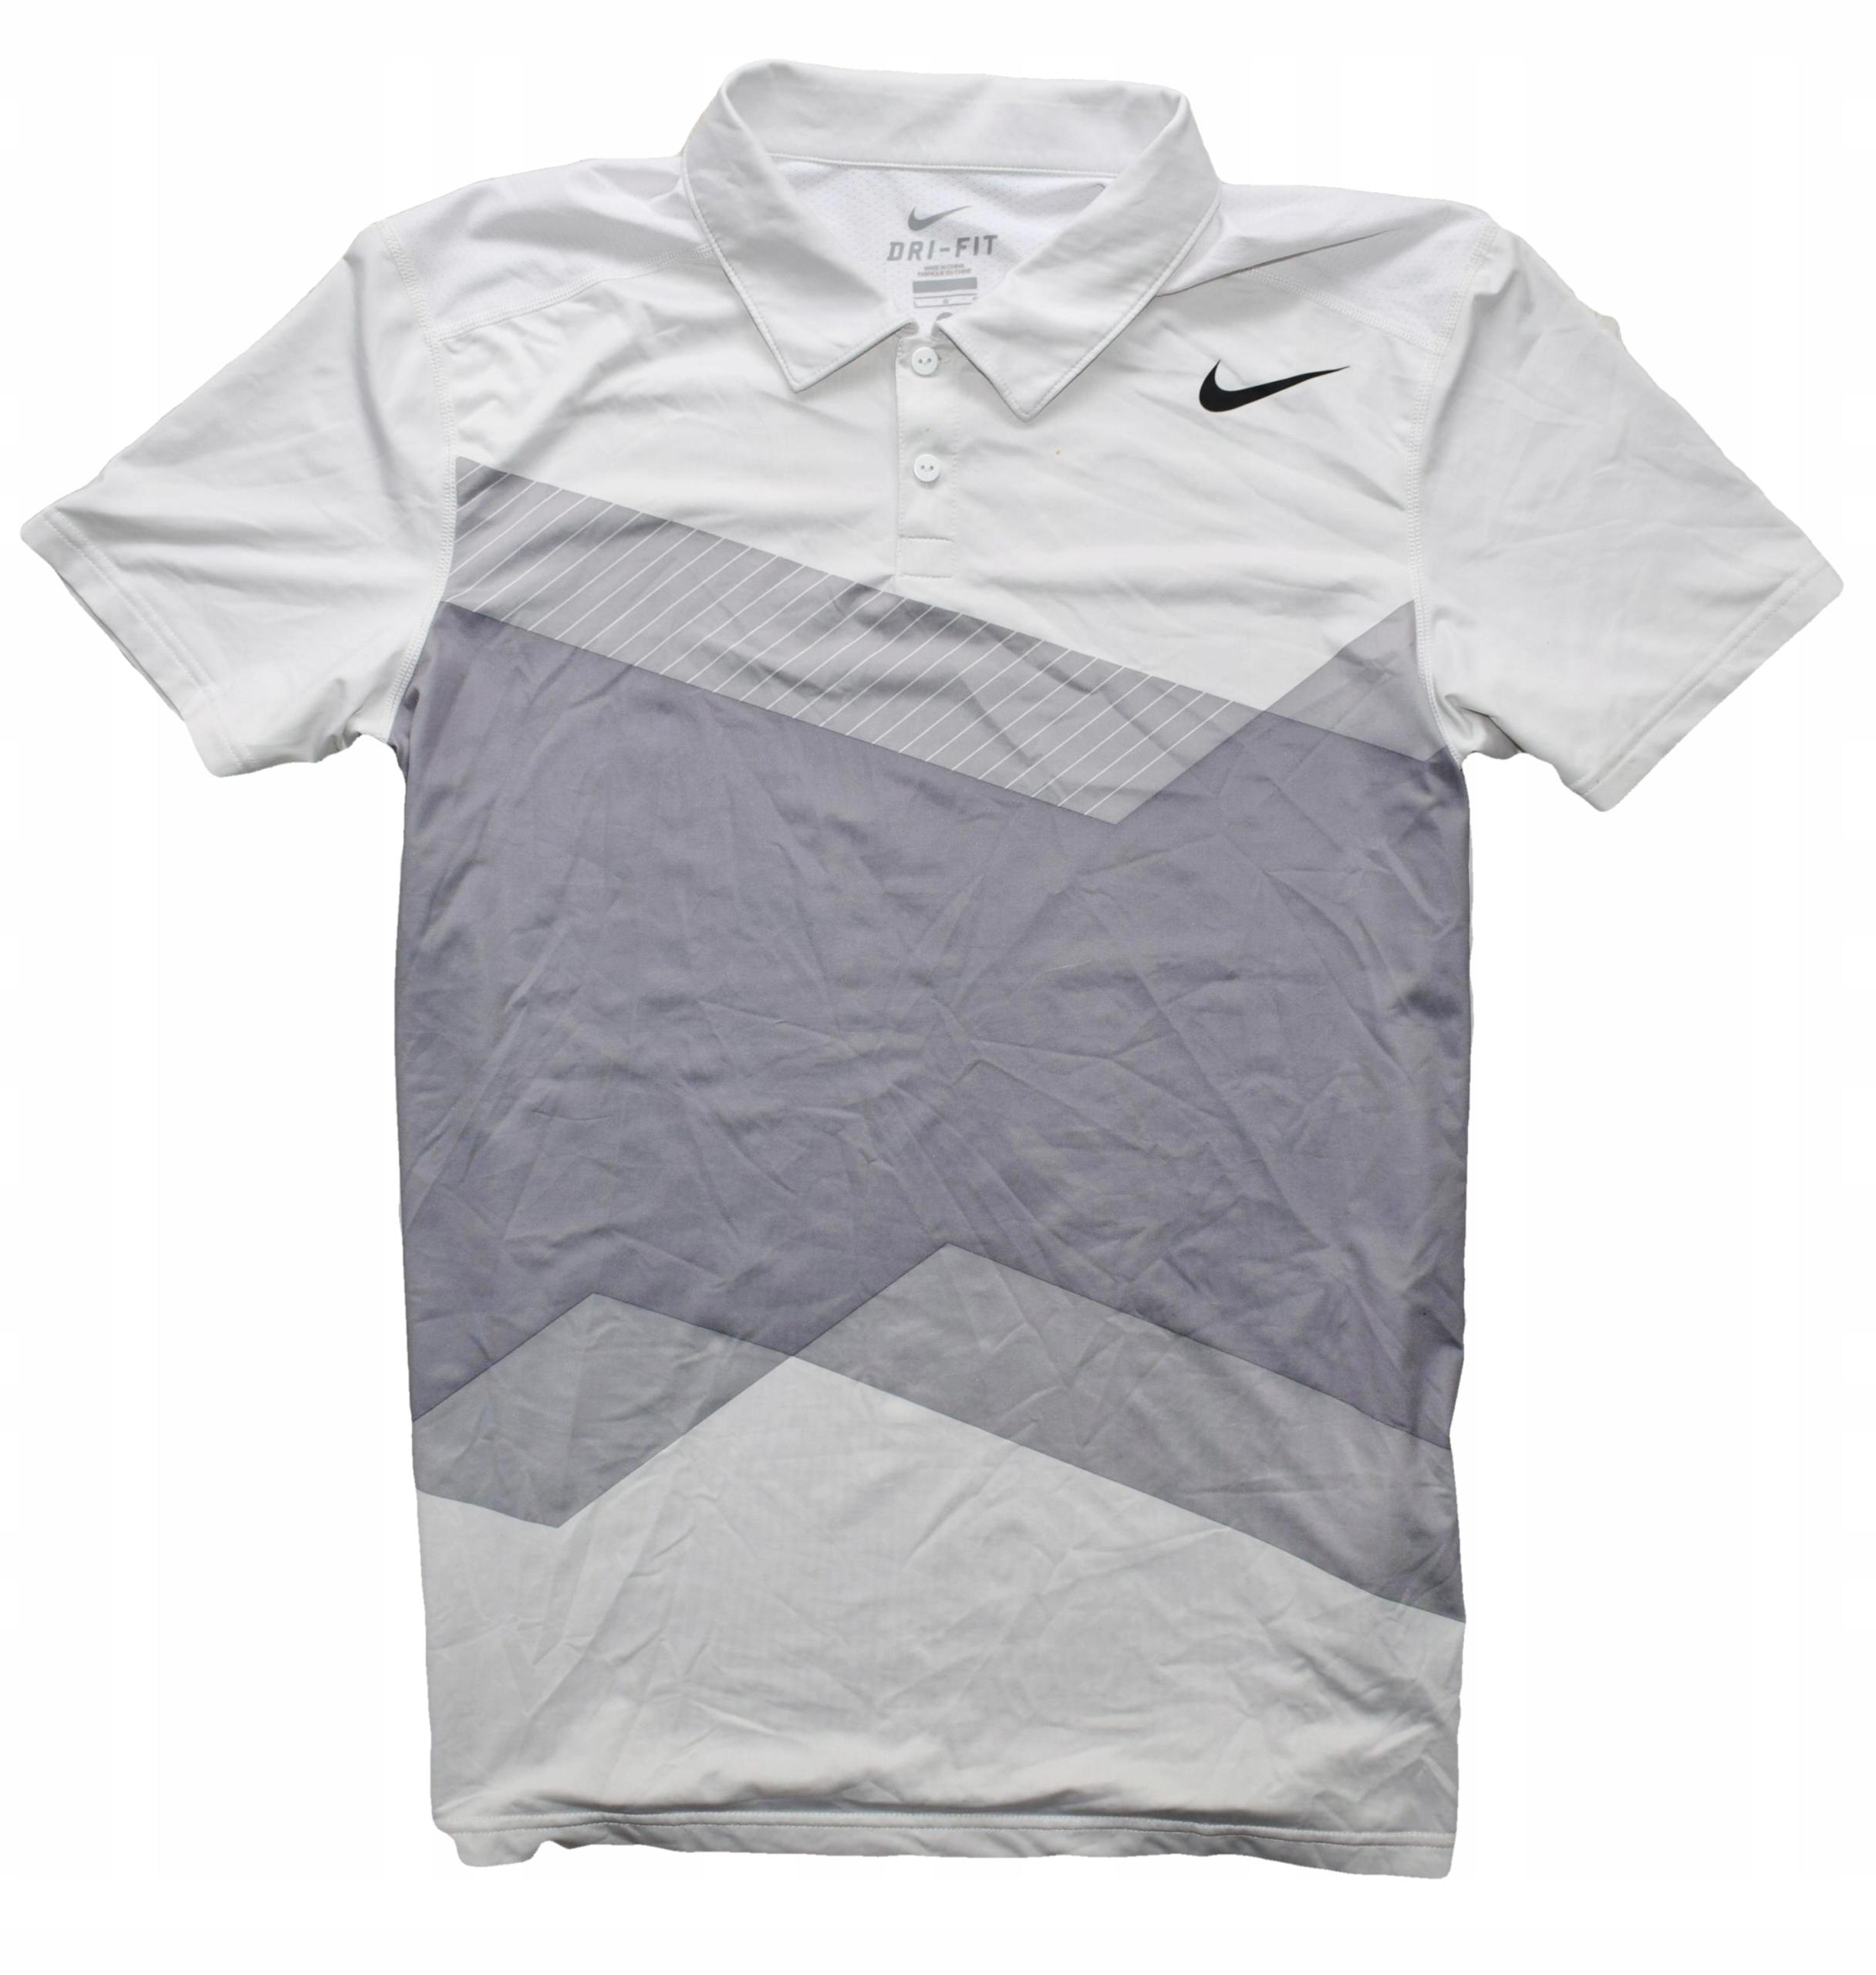 Nike TENIS L koszulka do gry w tenisa ODDYCHAJĄCA